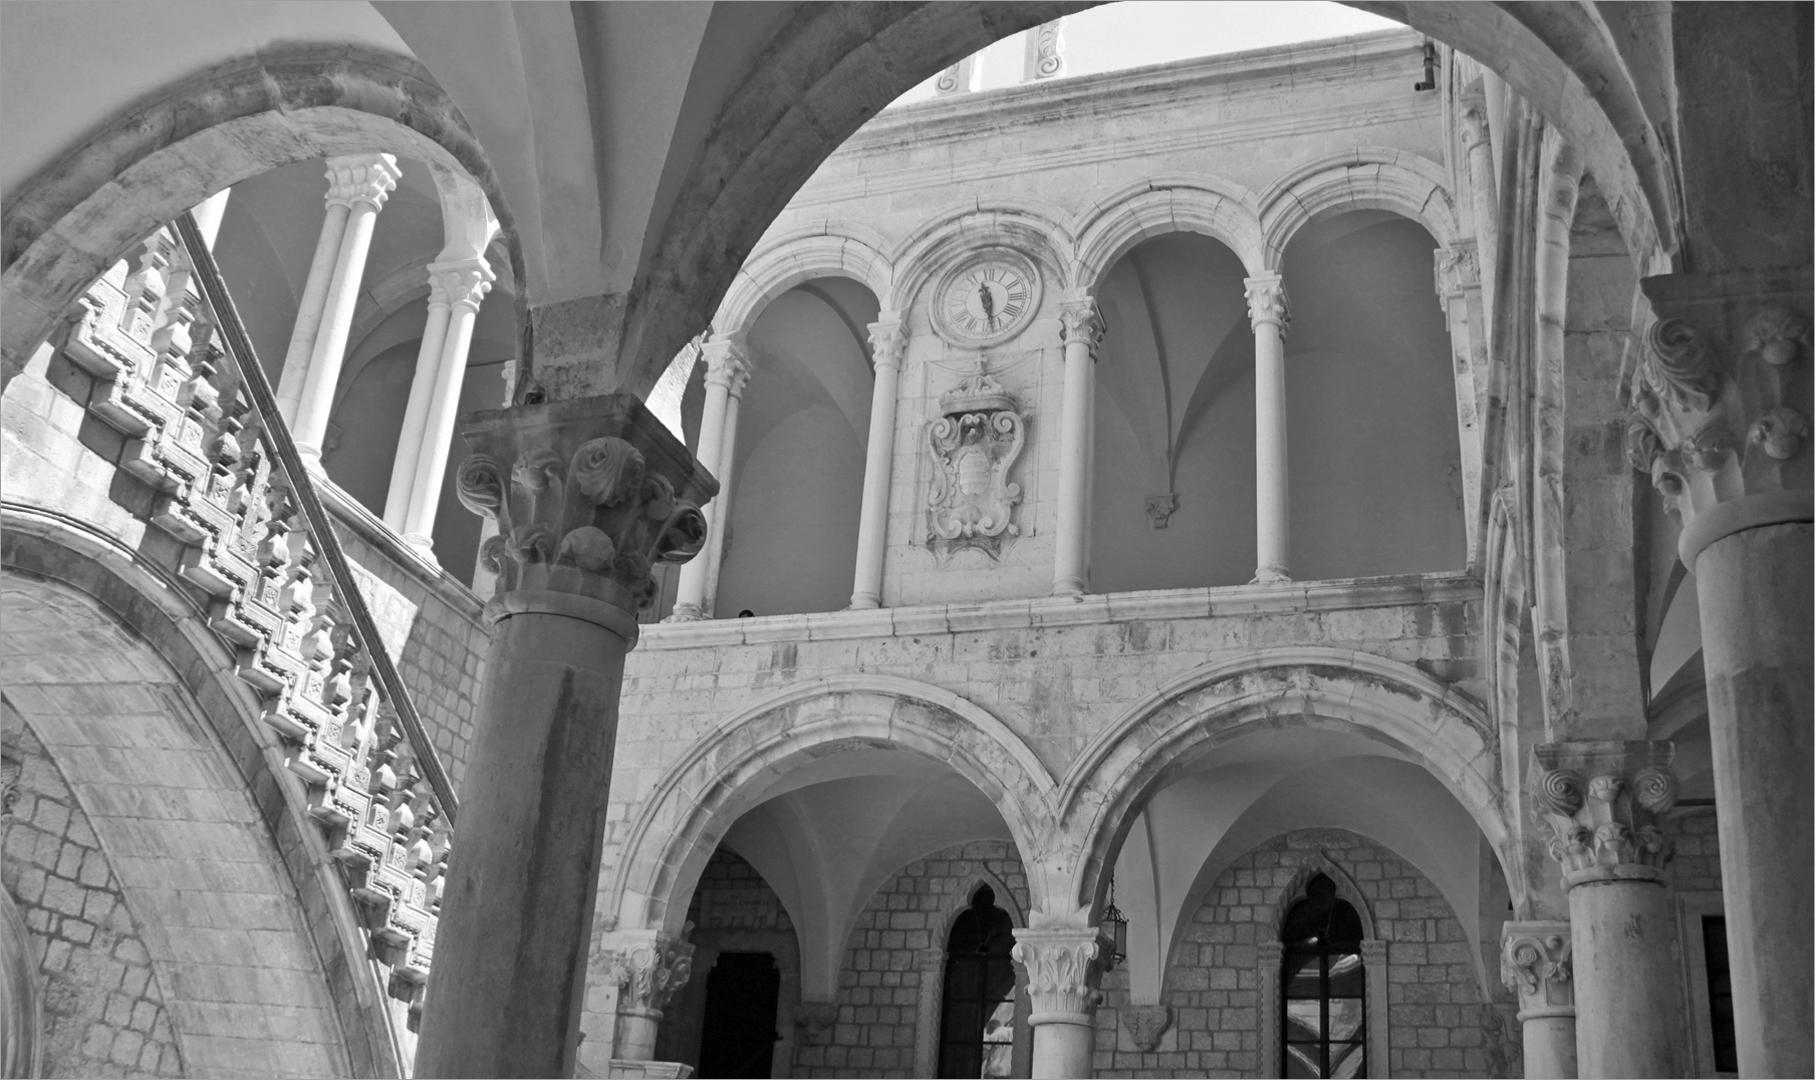 Arches-Stan Feinstein